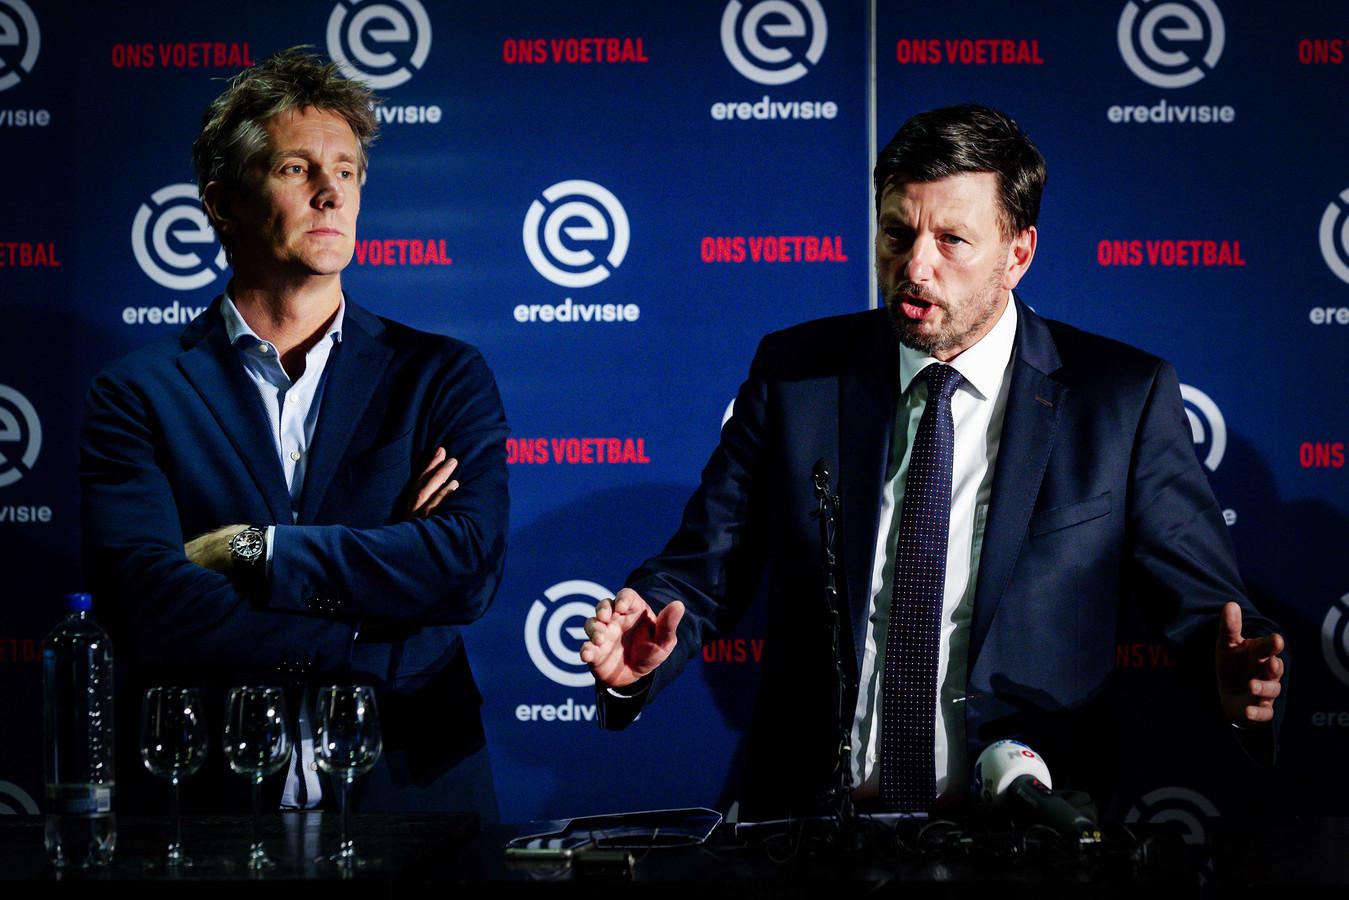 Directeur Edwin van der Sar van Ajax en Jacco Swart (hier nog directeur van Eredivisie CV) op archiefbeeld.